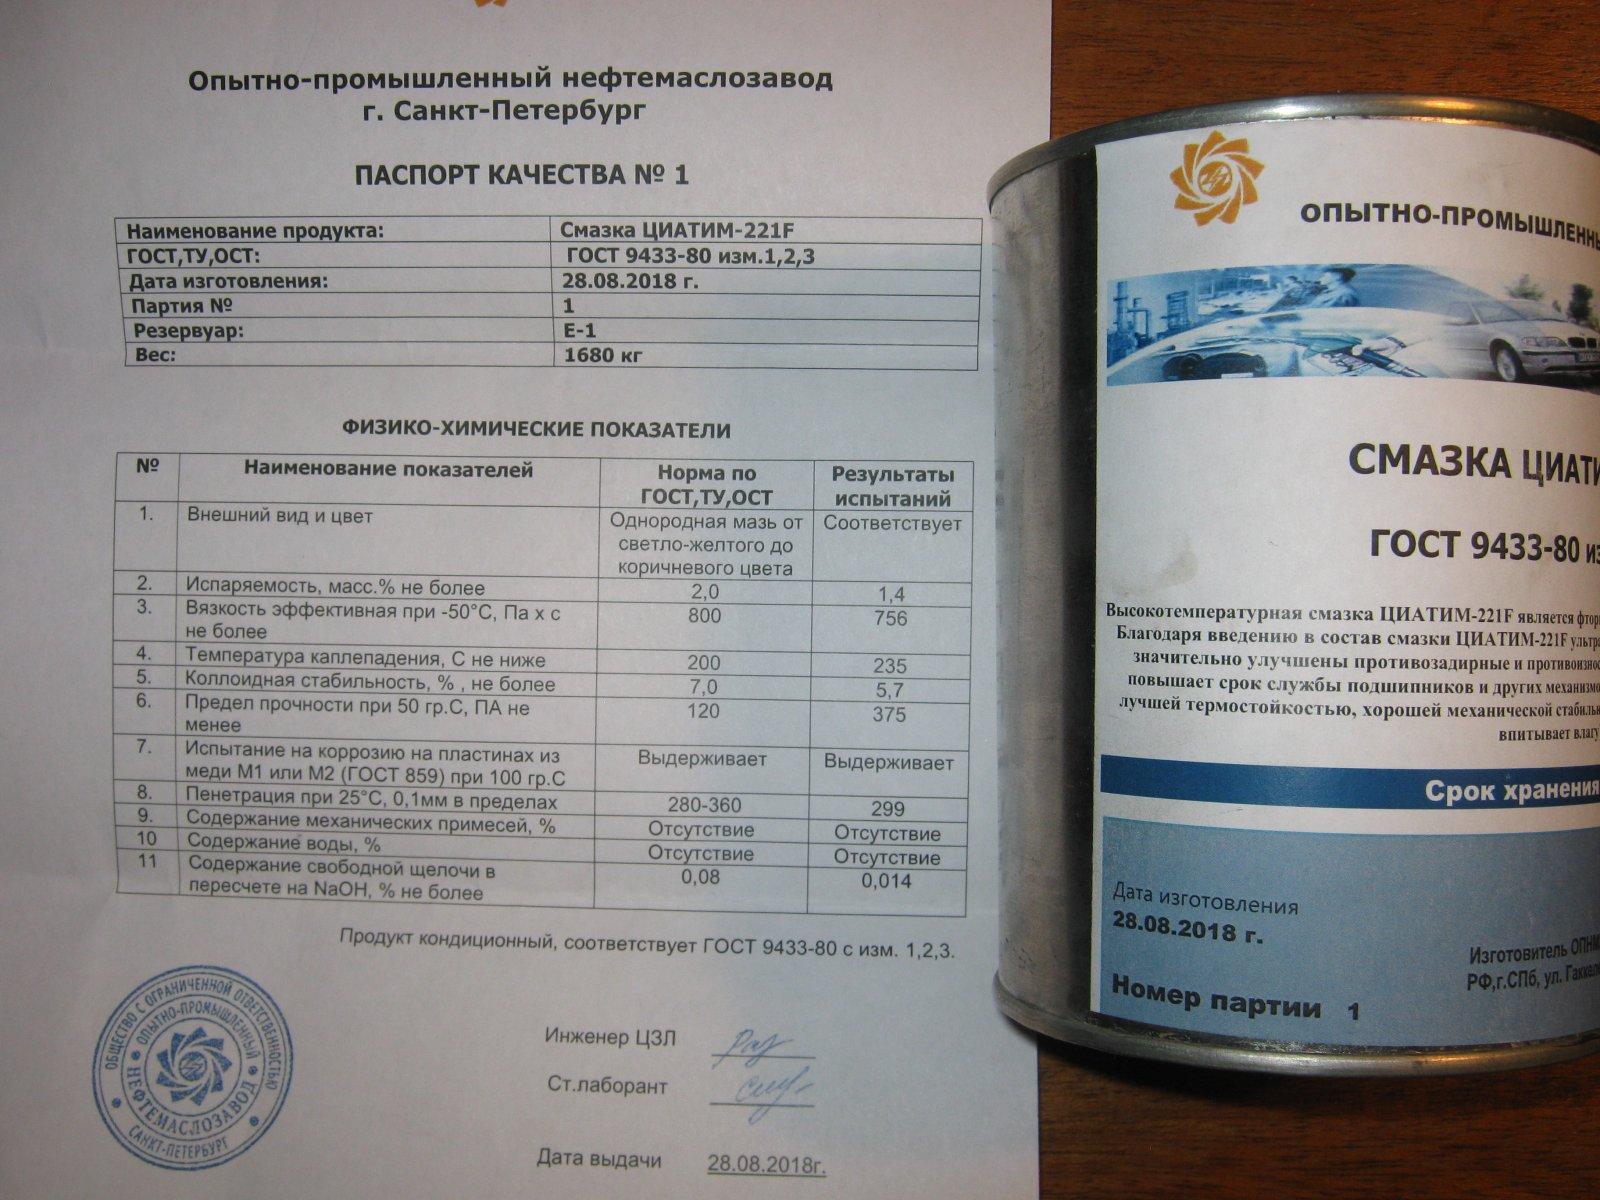 """Применение """"циатим-221"""". термостойкая пластичная смазка """"циатим-221"""": характеристики - новости, статьи и обзоры"""